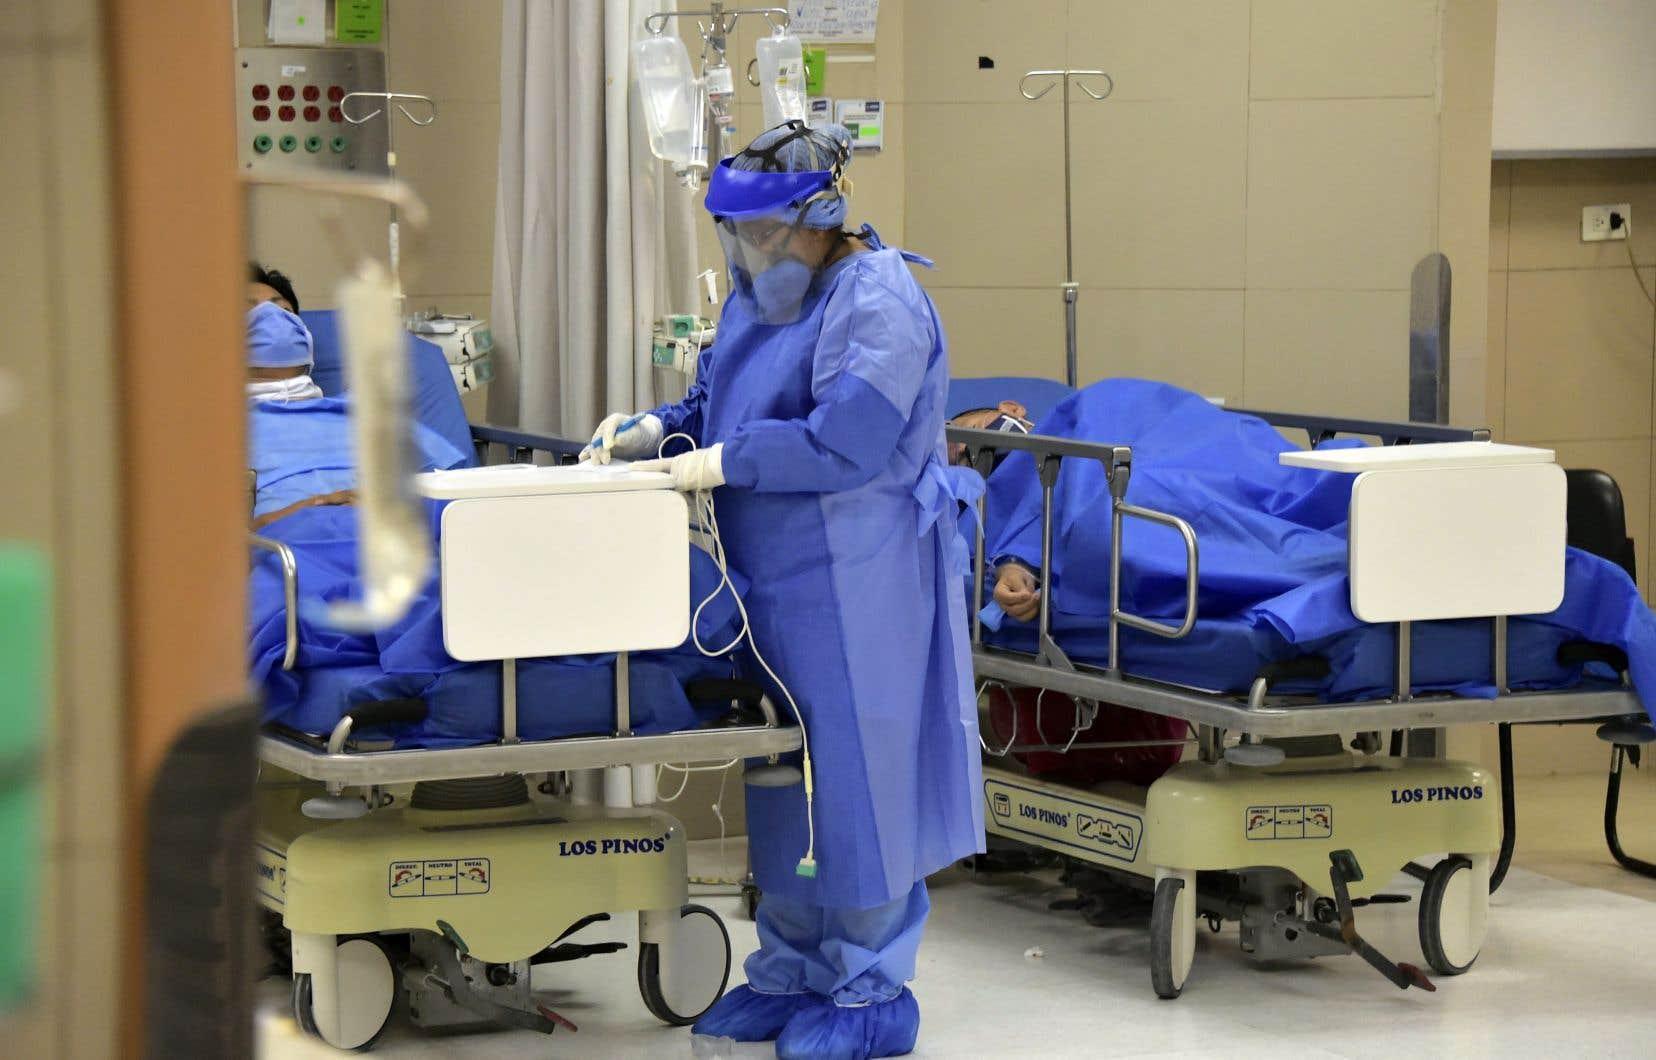 Quito a connu un bond de 62% des cas de contaminations du 3 au 27juin, selon les autorités sanitaires. Et le nombre de personnes en soins intensifs dans la capitale est passé de 57 à 250, selon le ministère de la Santé.